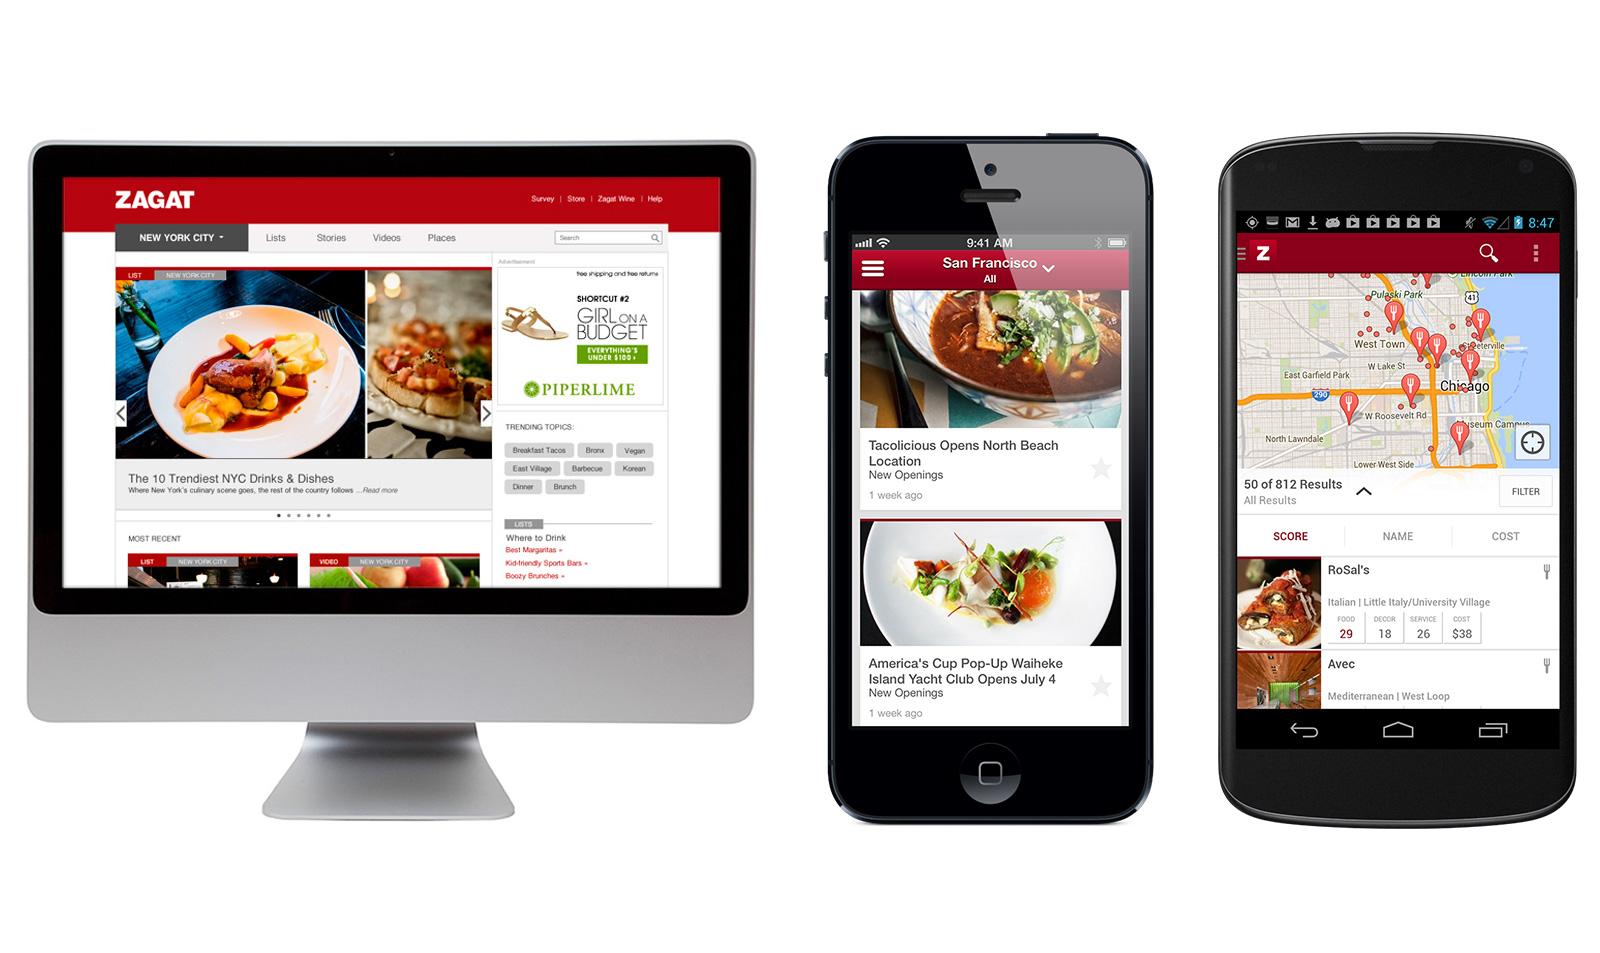 Google spustil nový Zagat – průvodce restauracemi